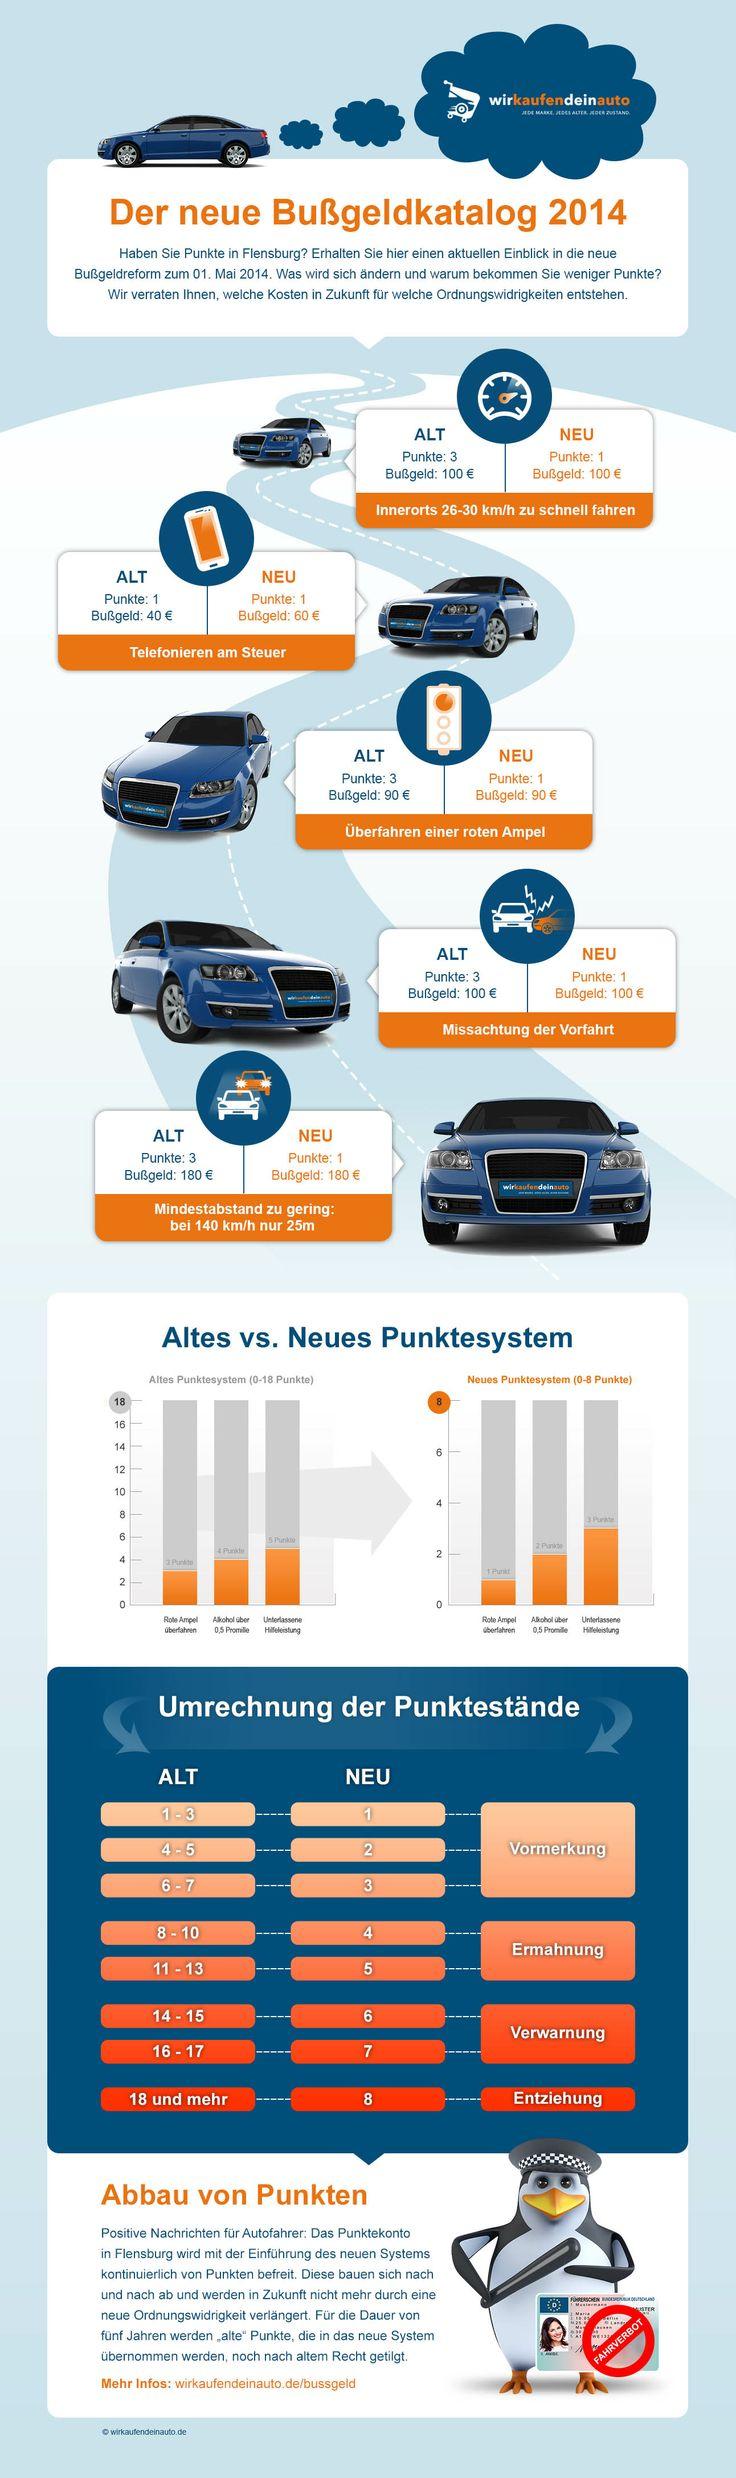 Infografik Bußgeldkatalog 2014